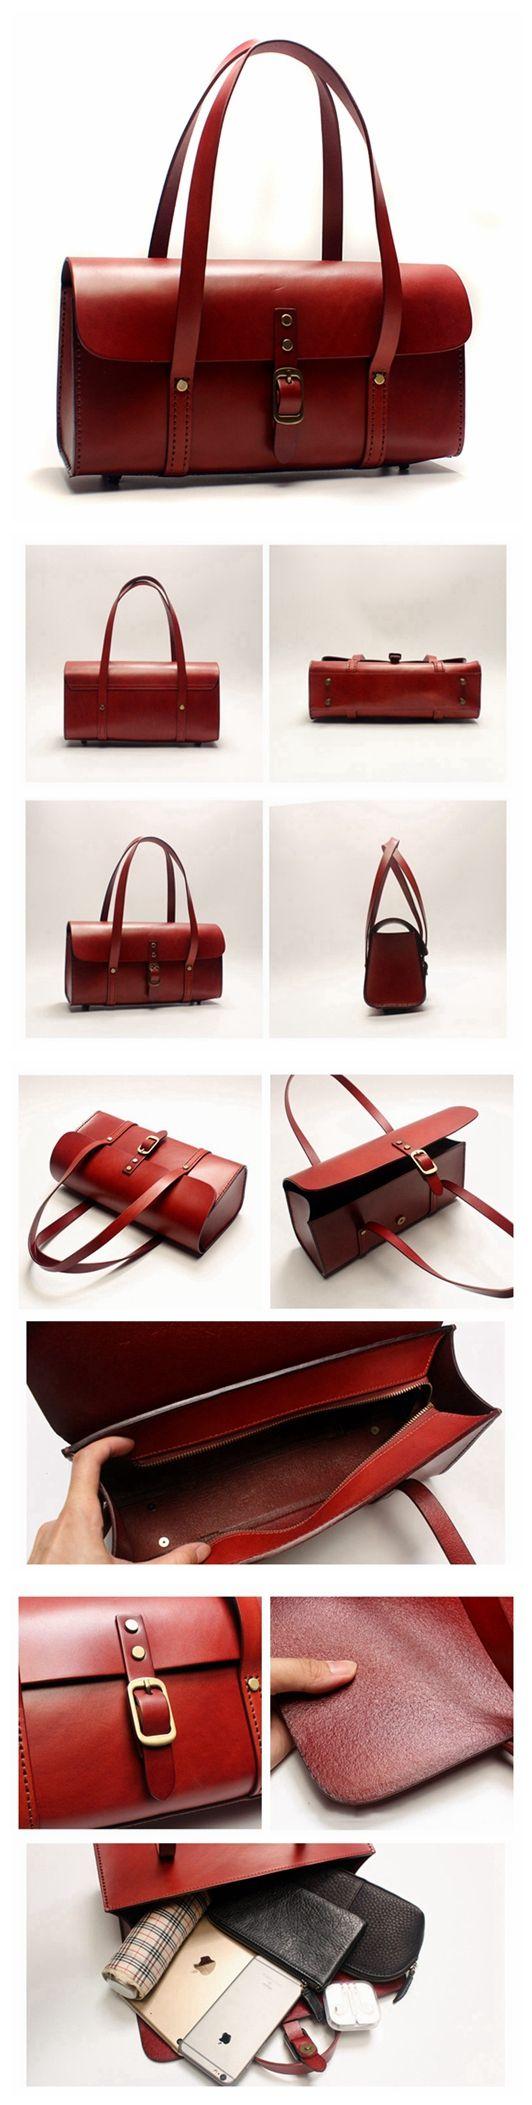 Handmade Awesome Vegetable Tanned Leather Barrel Bag Women s Fashion  Handbag Shoulder Bag in Red SQ05--LISABAG c1be6ff44e